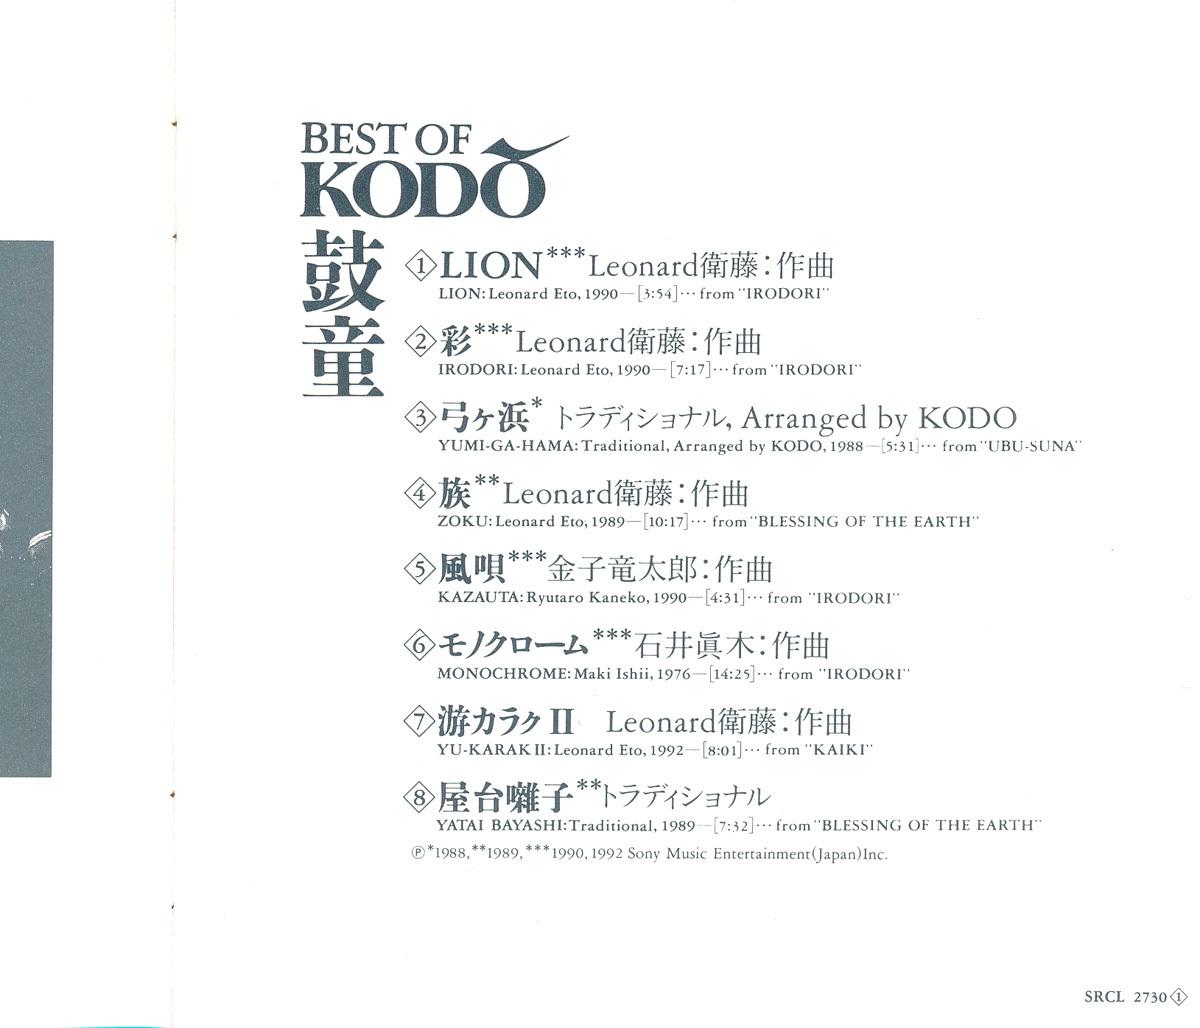 80年代日本楽器┃鼓童│Kodo■ベスト・オブ・鼓童│Best Of Kodo■SRCL-2730■管理CD5305_画像3